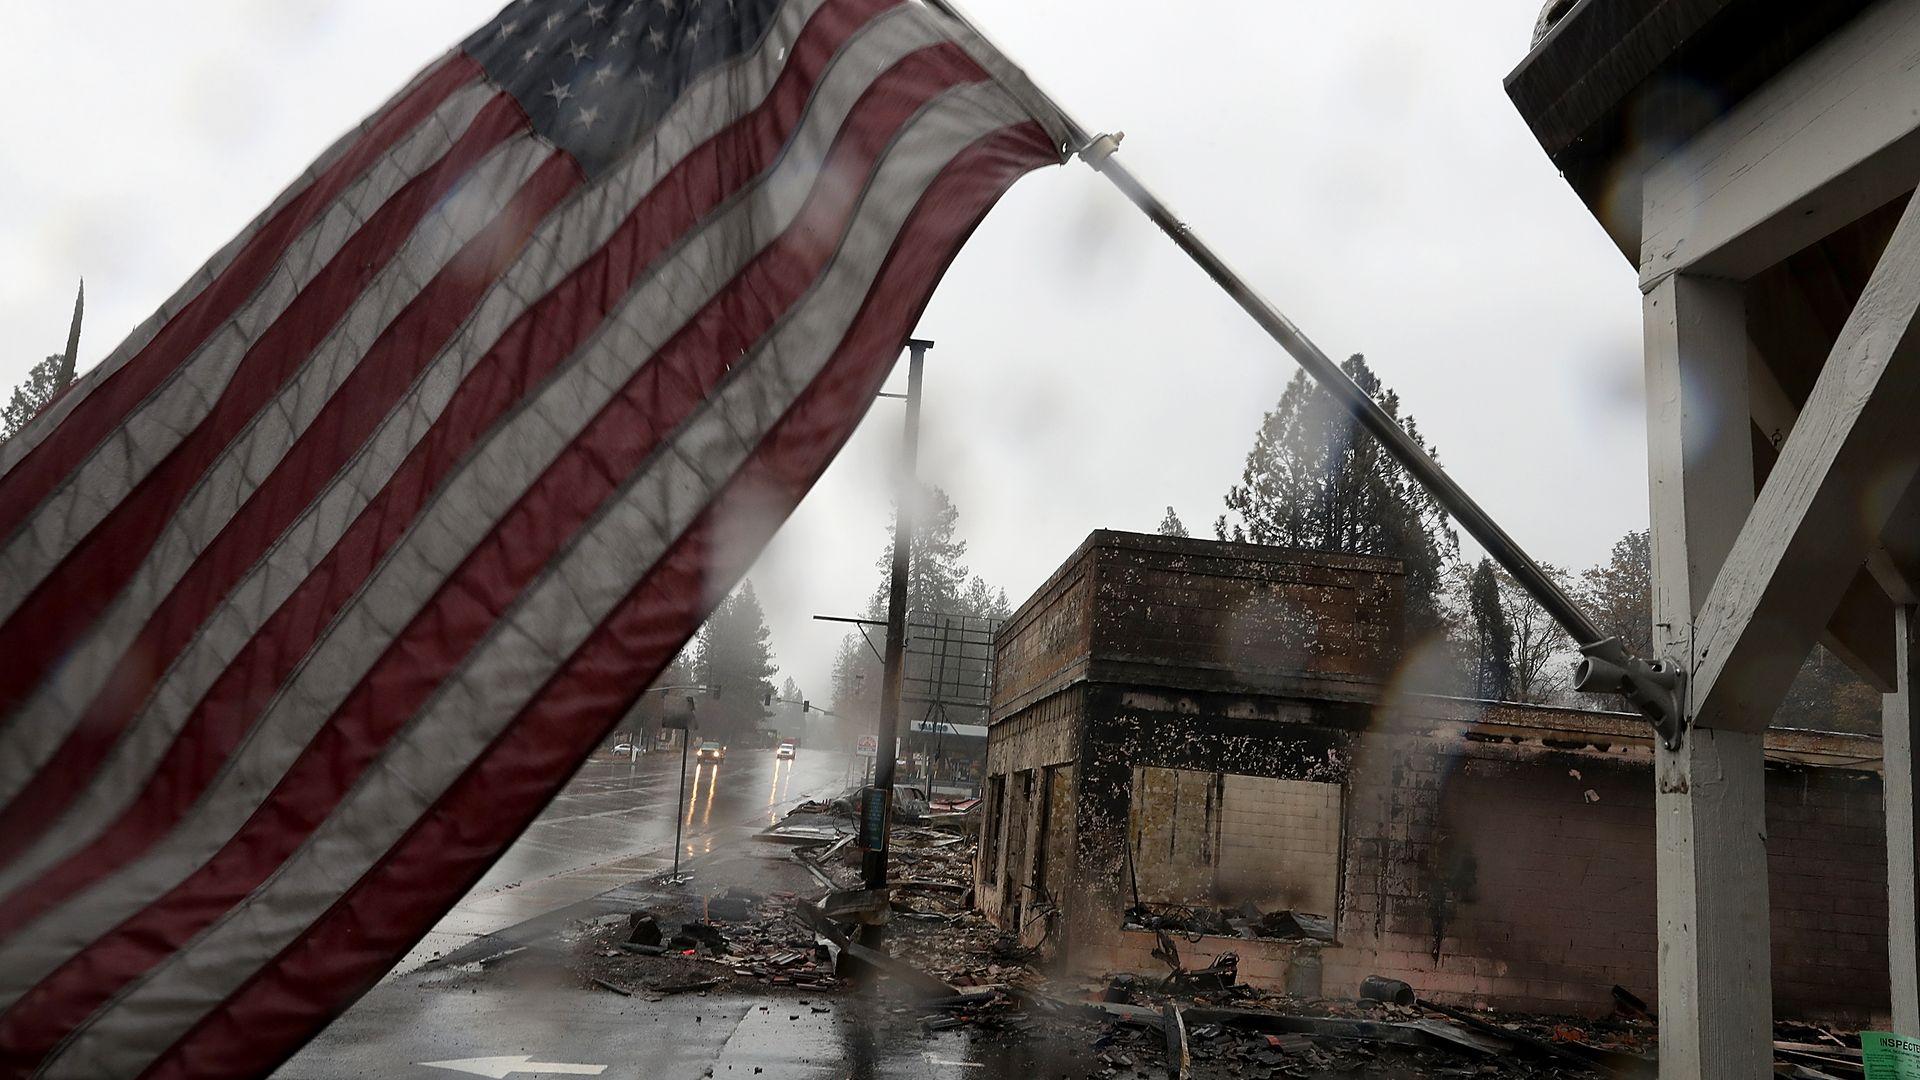 Paradise california damage